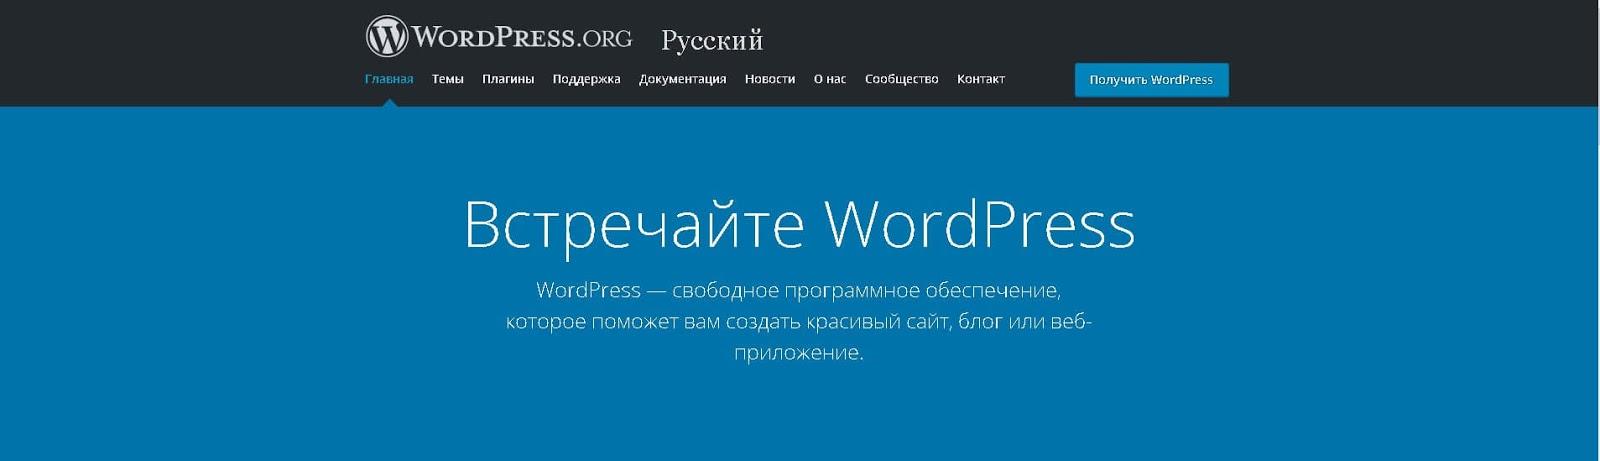 wordpress-glavnaya-stranicza